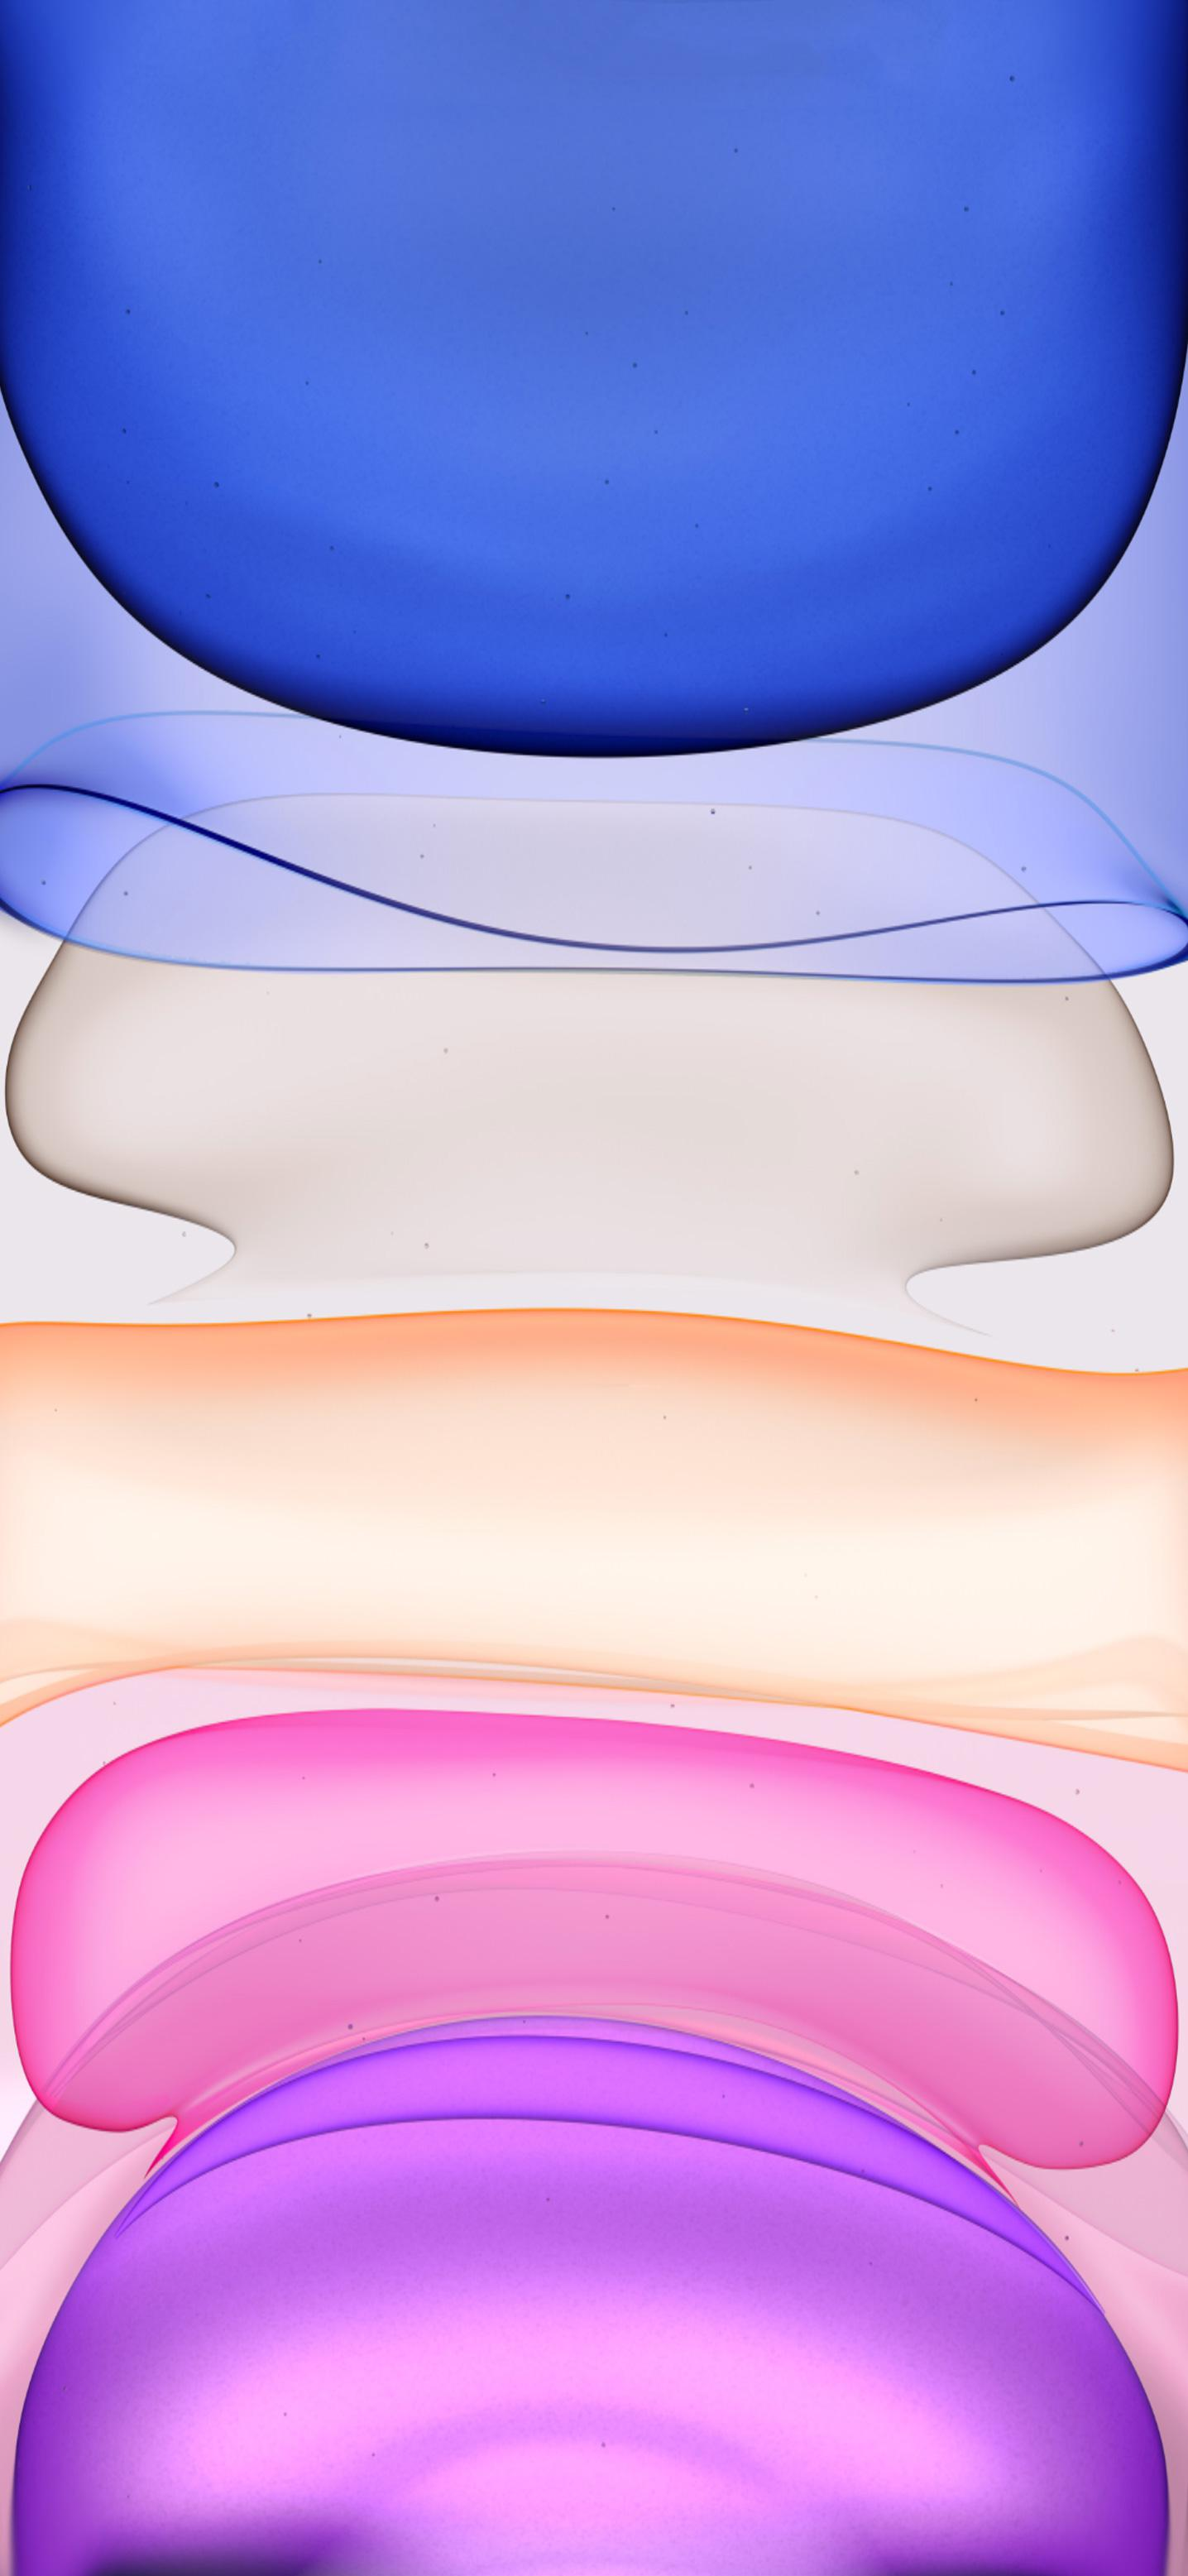 عکس زمینه آیفون 11 اصلی رنگی پس زمینه